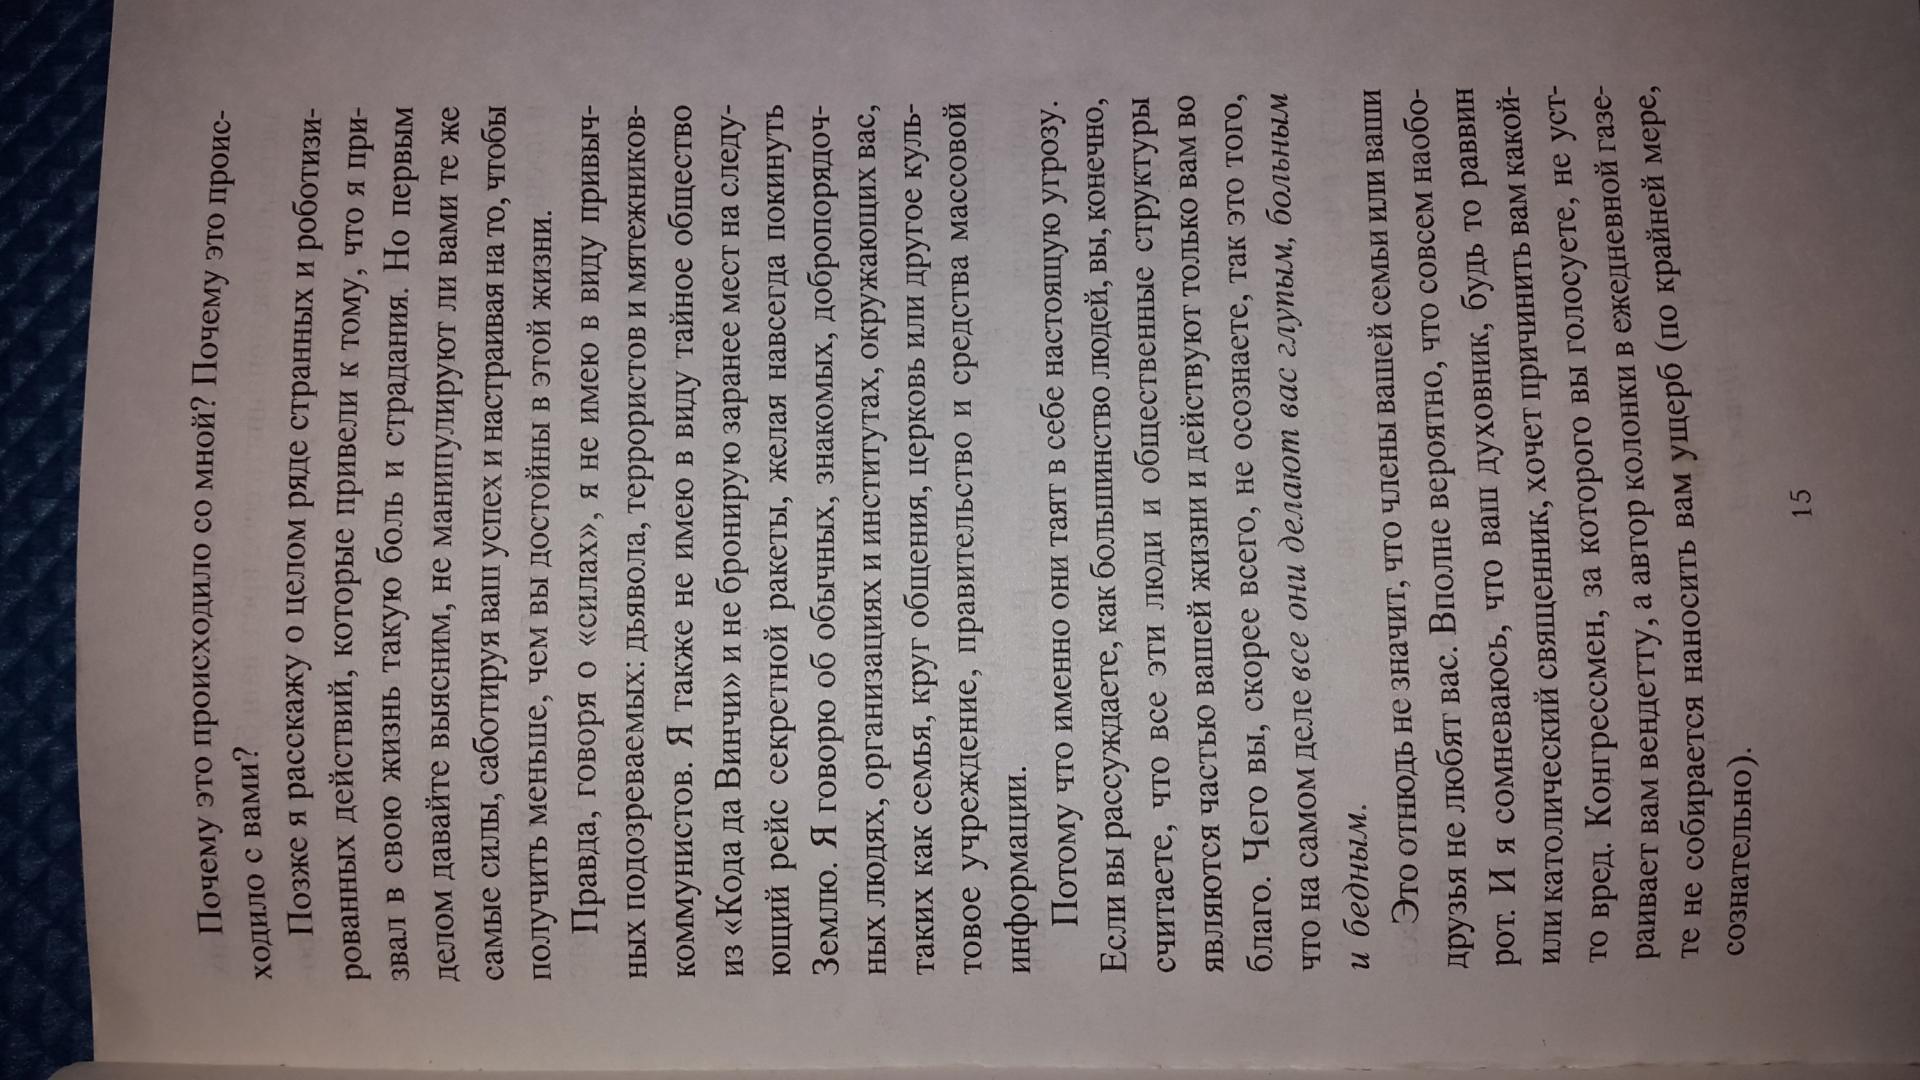 Иллюстрация 18 из 18 для Почему вы глупы, больны и бедны... И как стать умным, здоровым и богатым! - Рэнди Гейдж | Лабиринт - книги. Источник: Alyonchis-13